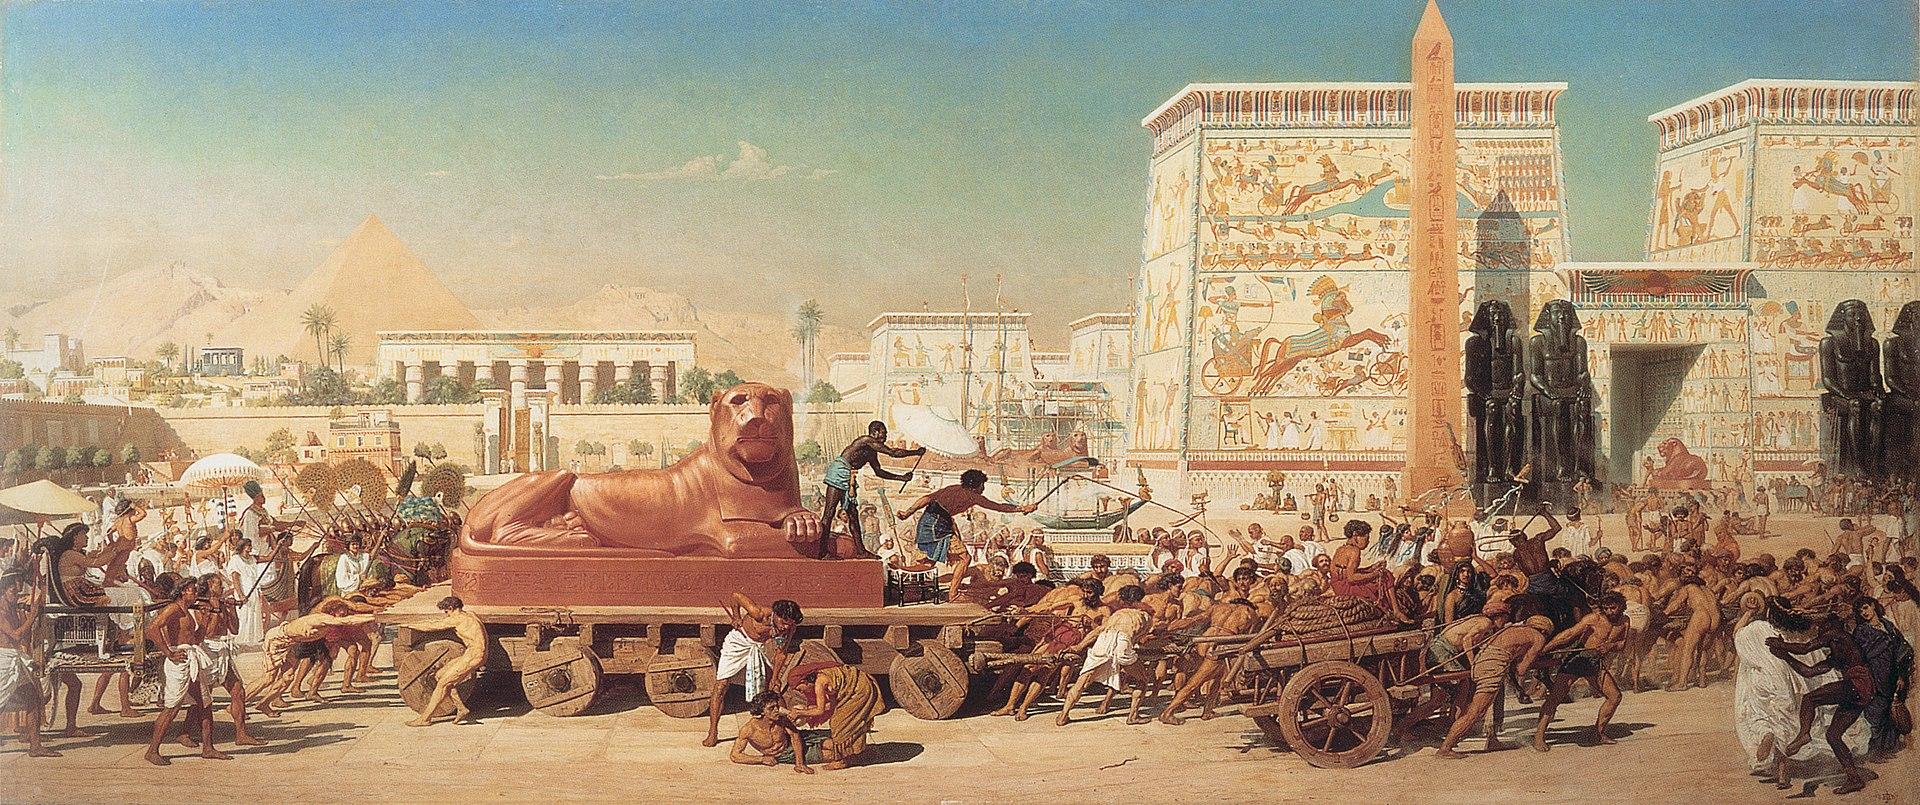 『エジプトのイスラエル人』(1867年画)